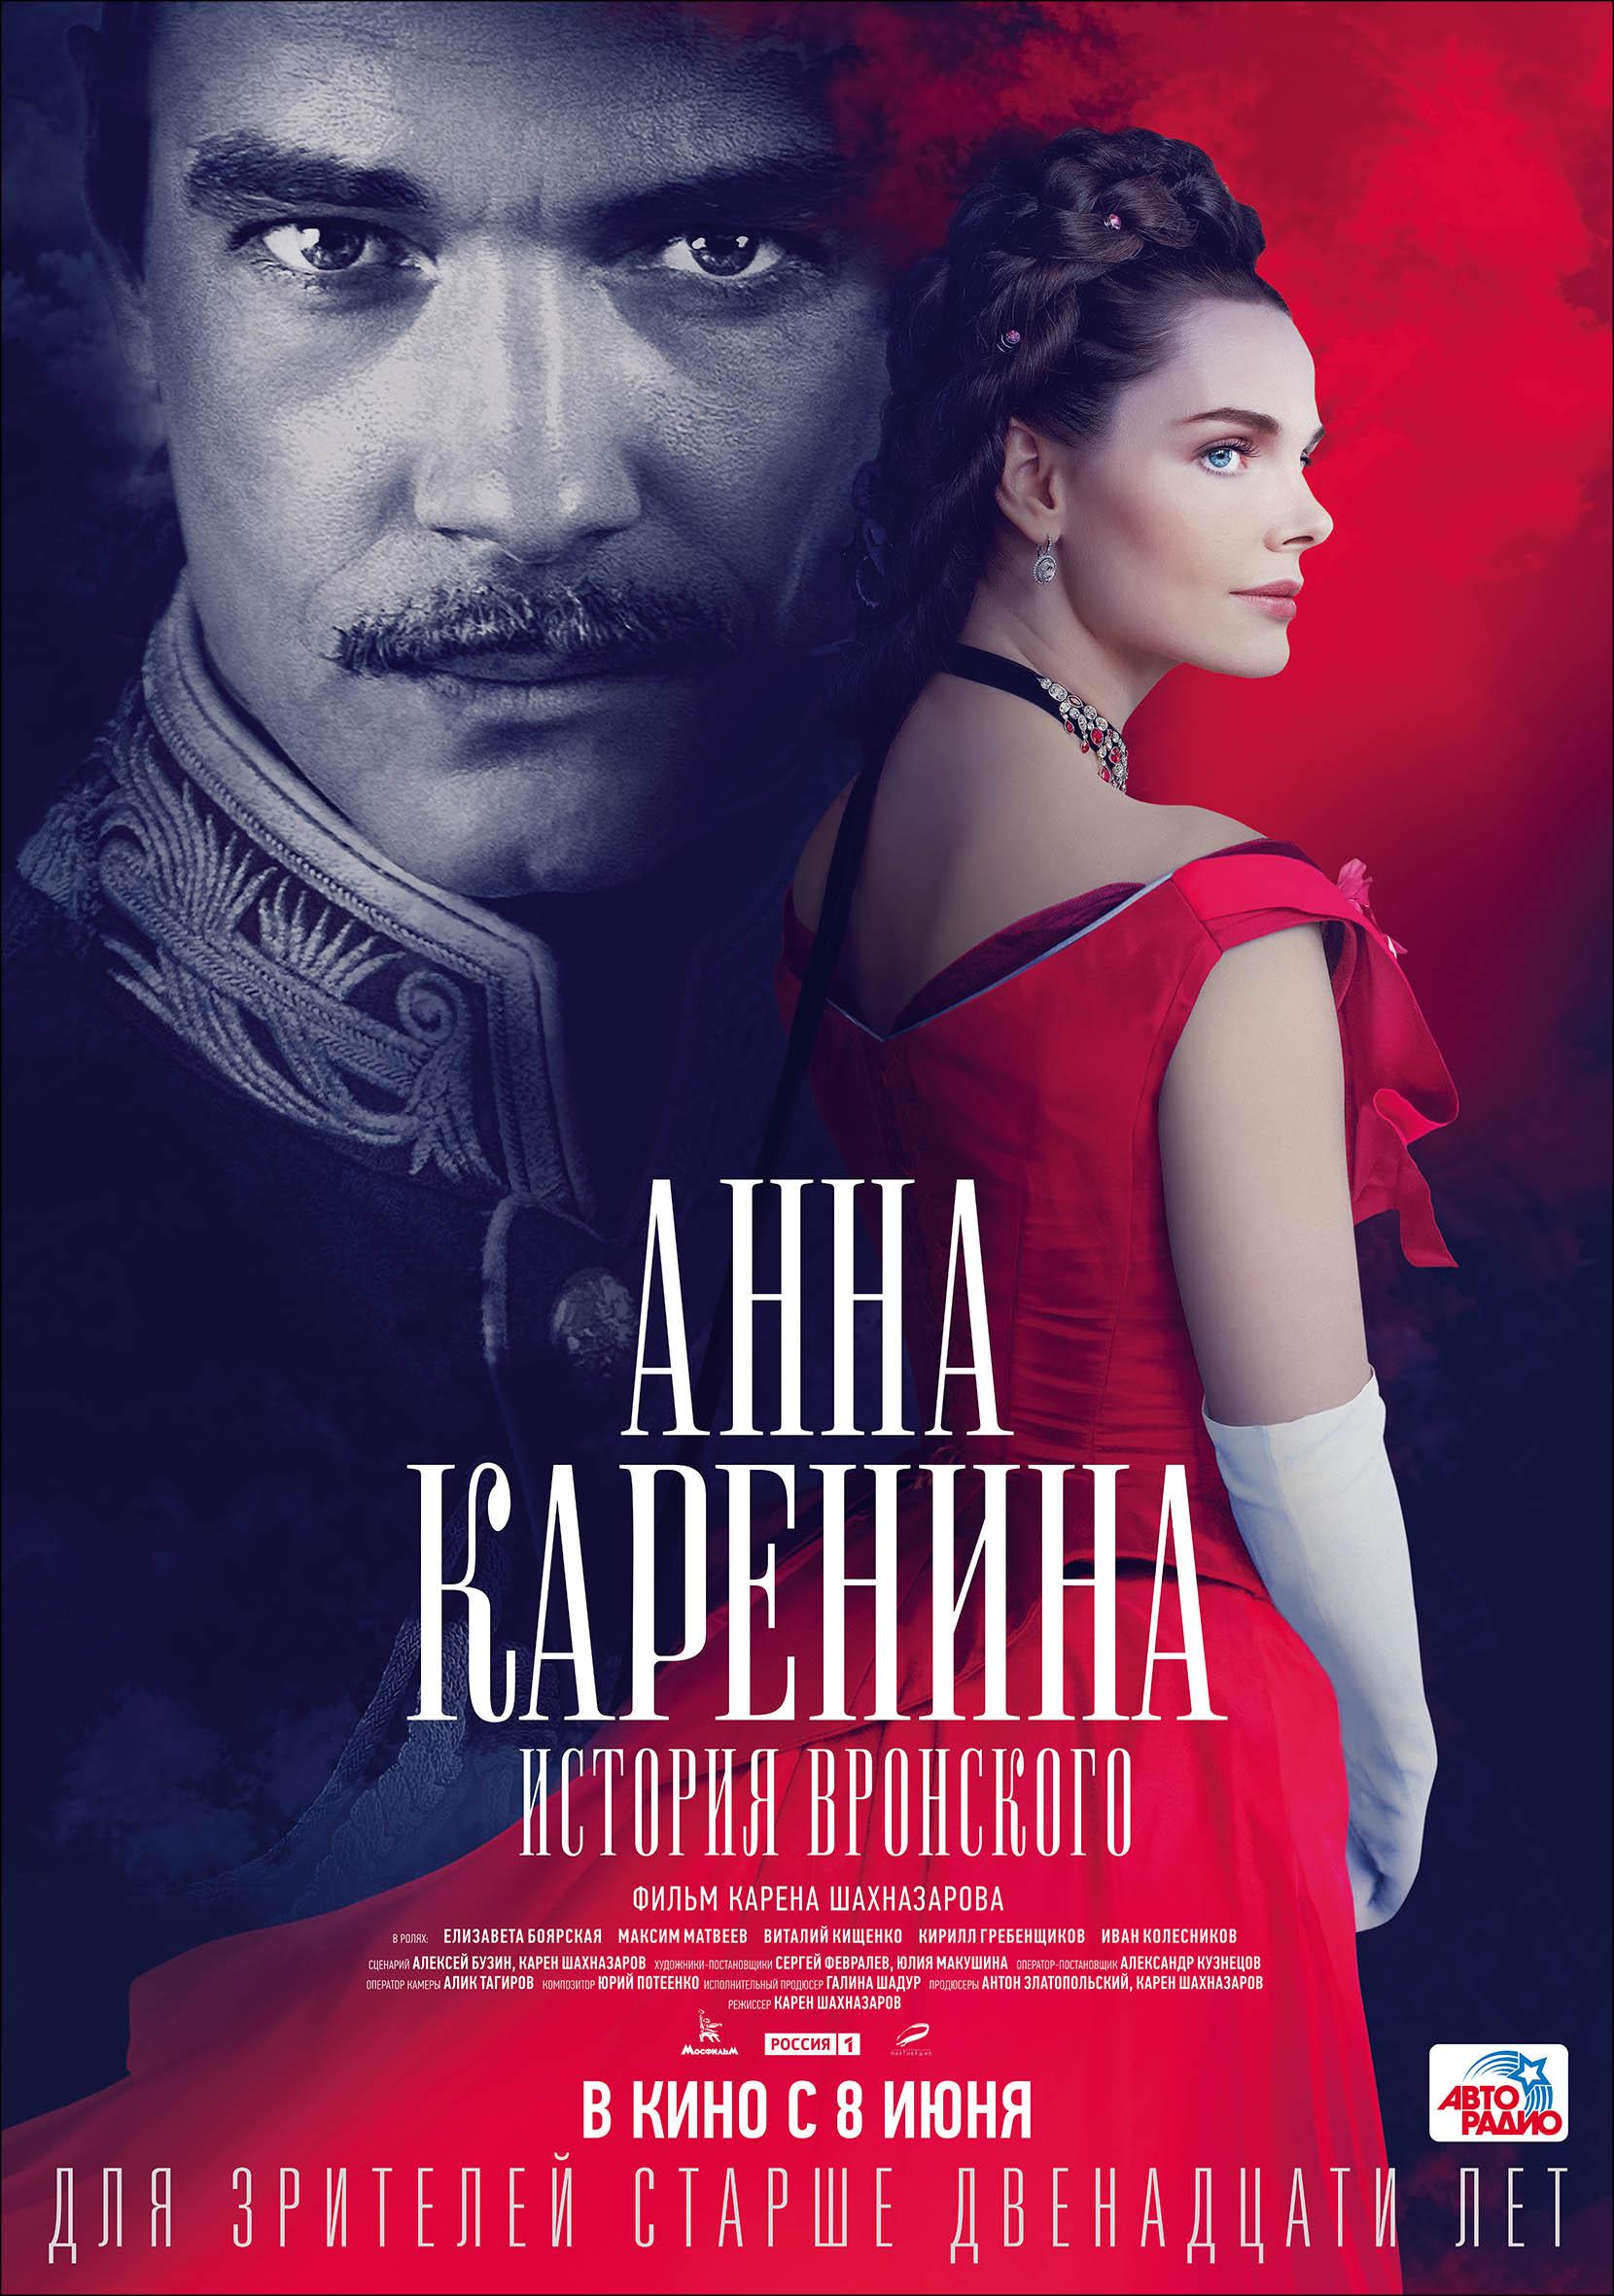 Анна каренина скачать фильм 1967 года.